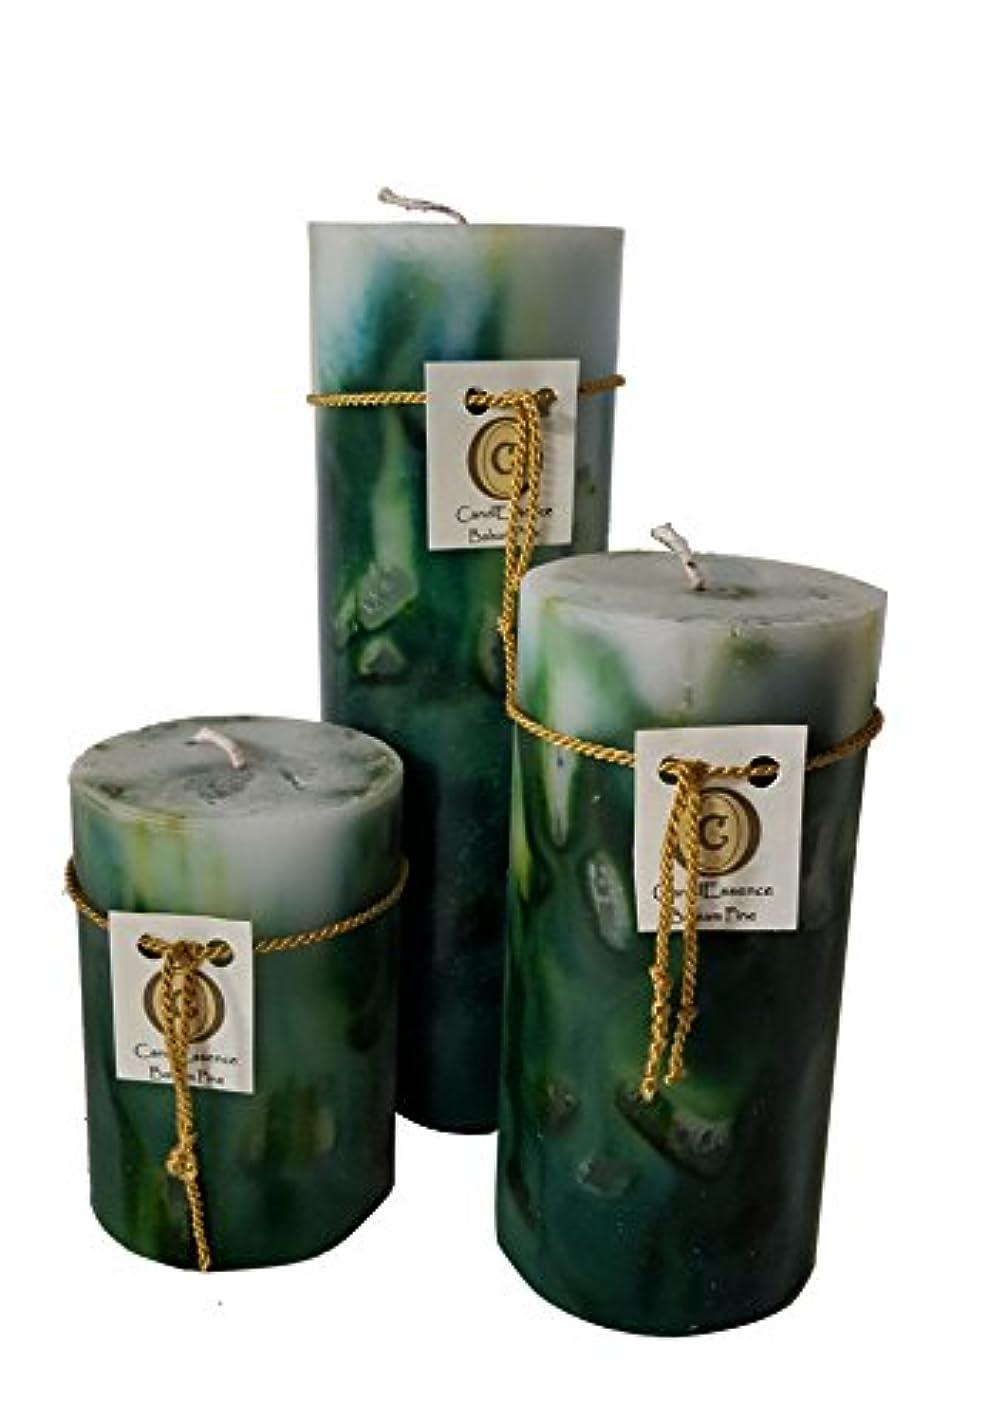 冷える北へ怠けたハンドメイドScented Candle – Long Burningピラー – Balsam Pine香り Set of 3 B01MYMQ92Y